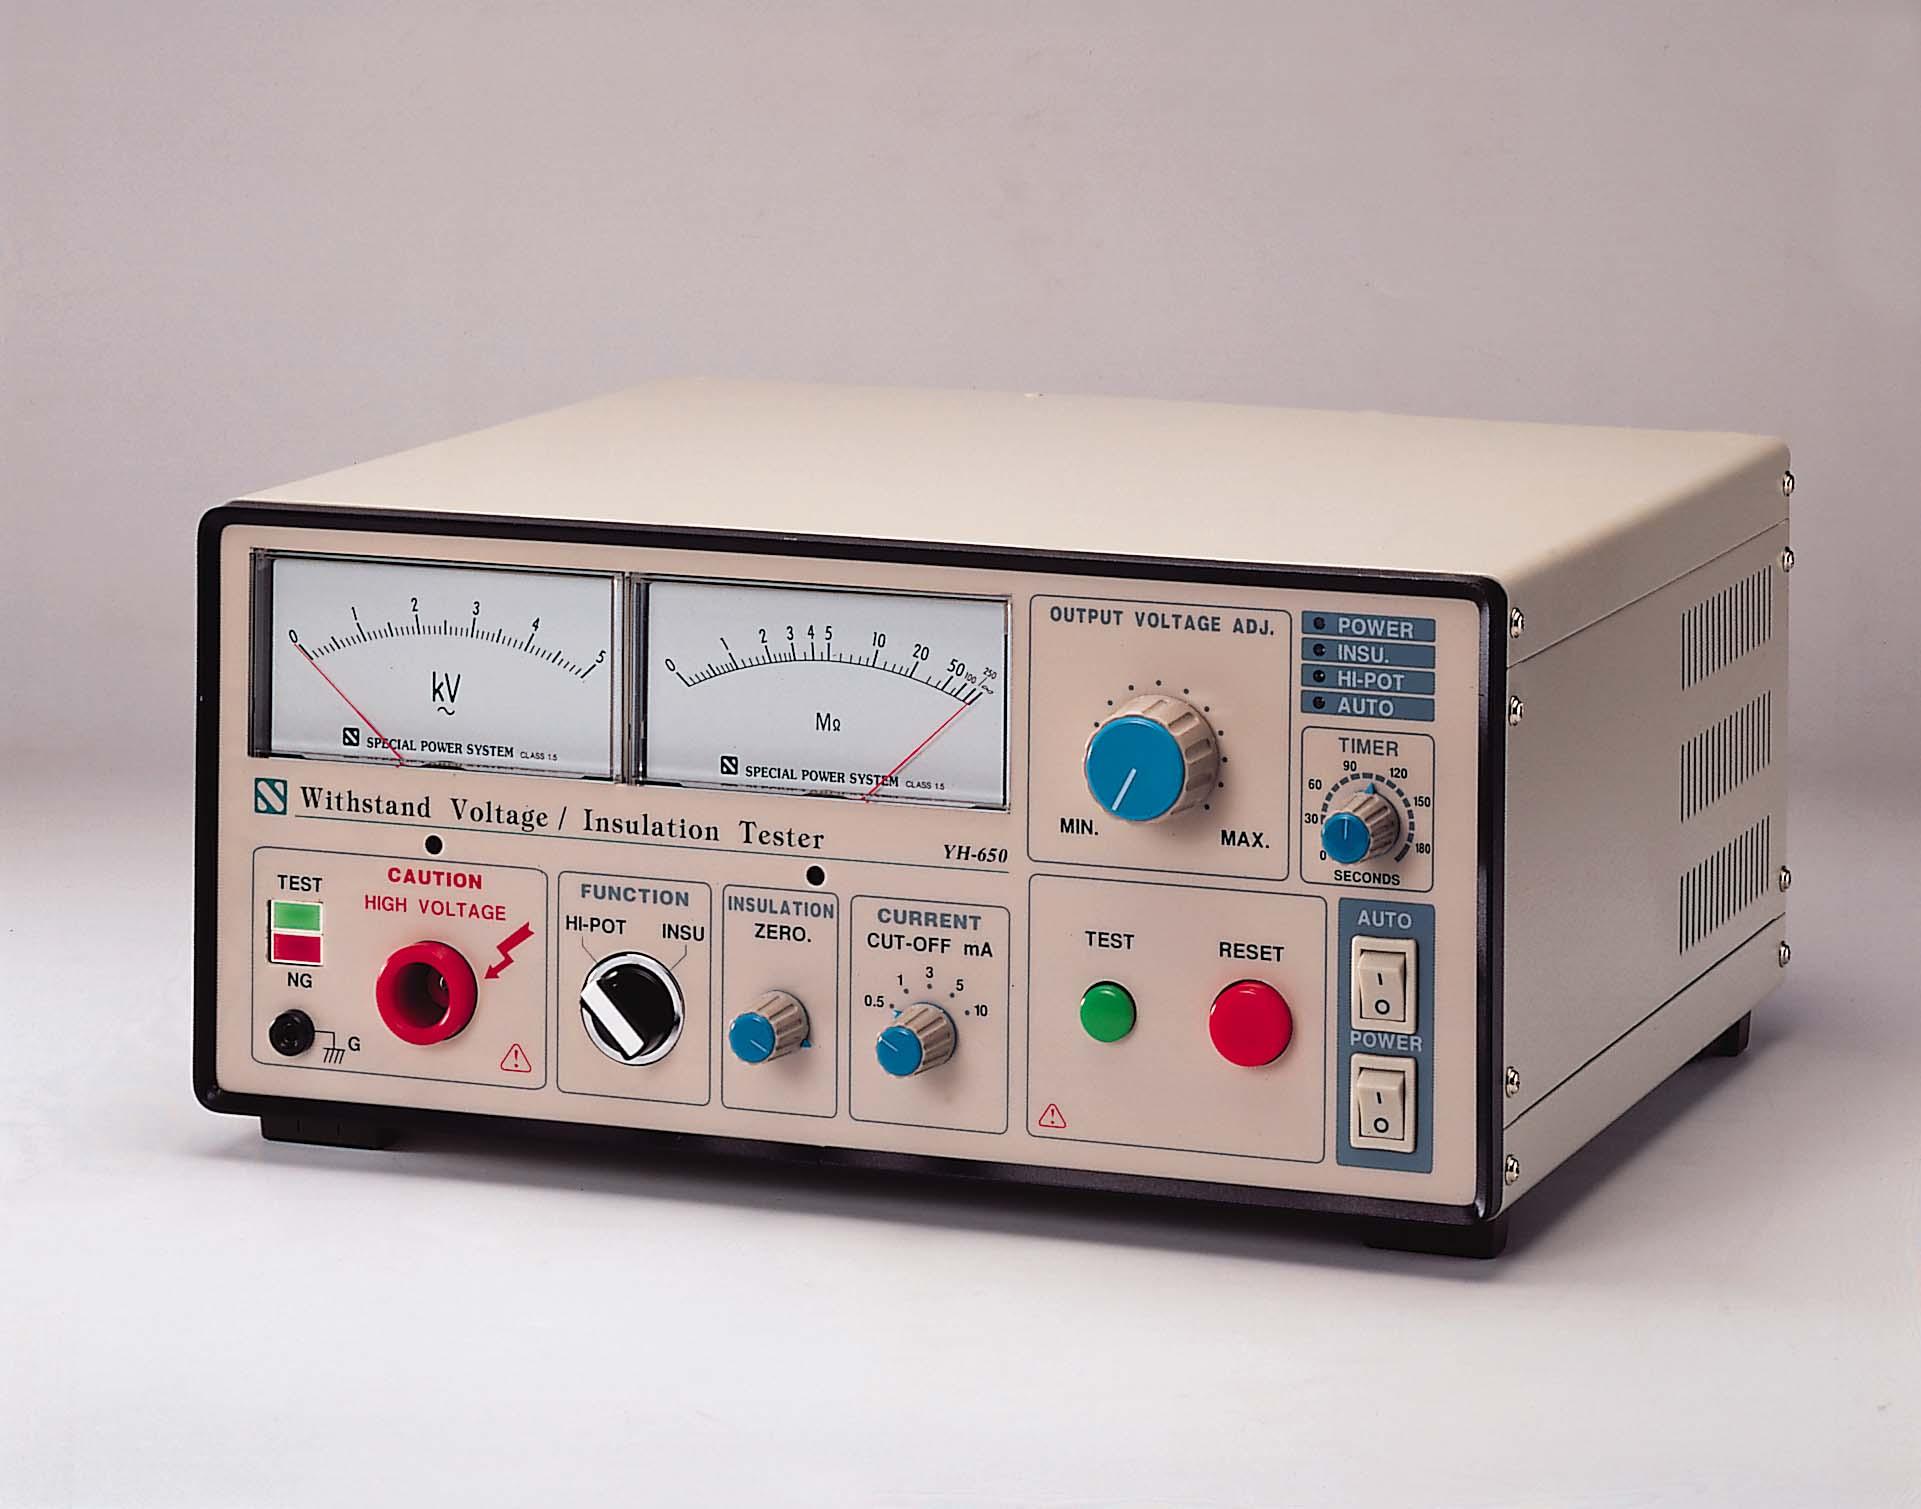 yh650经济性绝缘耐压测试仪报价